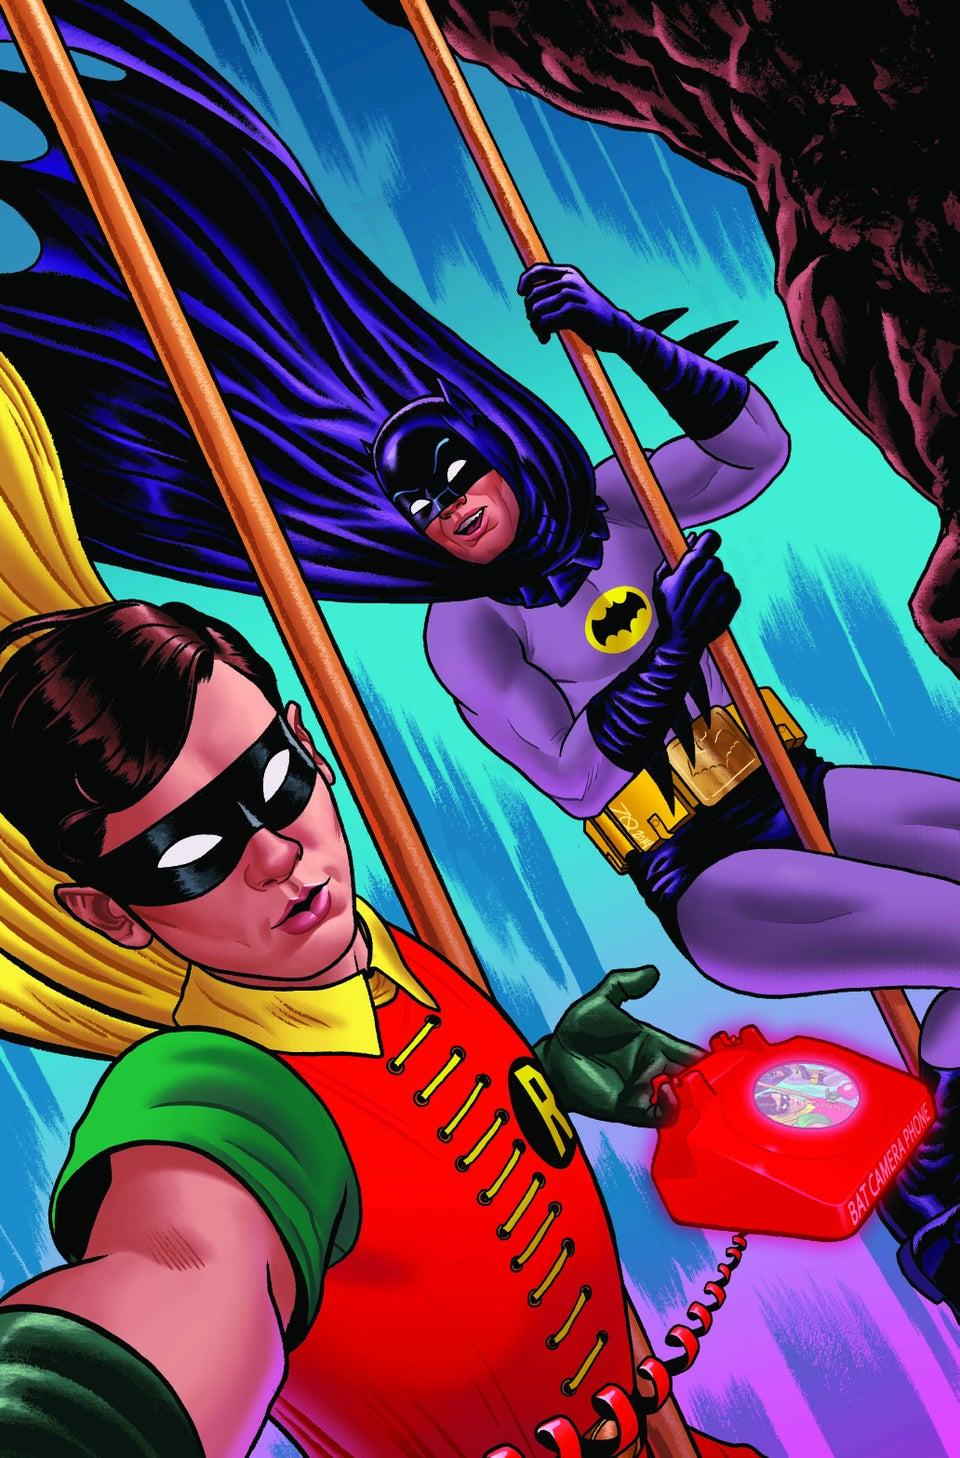 1-12 - [DC COMICS] Publicaciones Universo DC: Discusión General Batman66selfiequinonessmalljpg-0d228e_960w